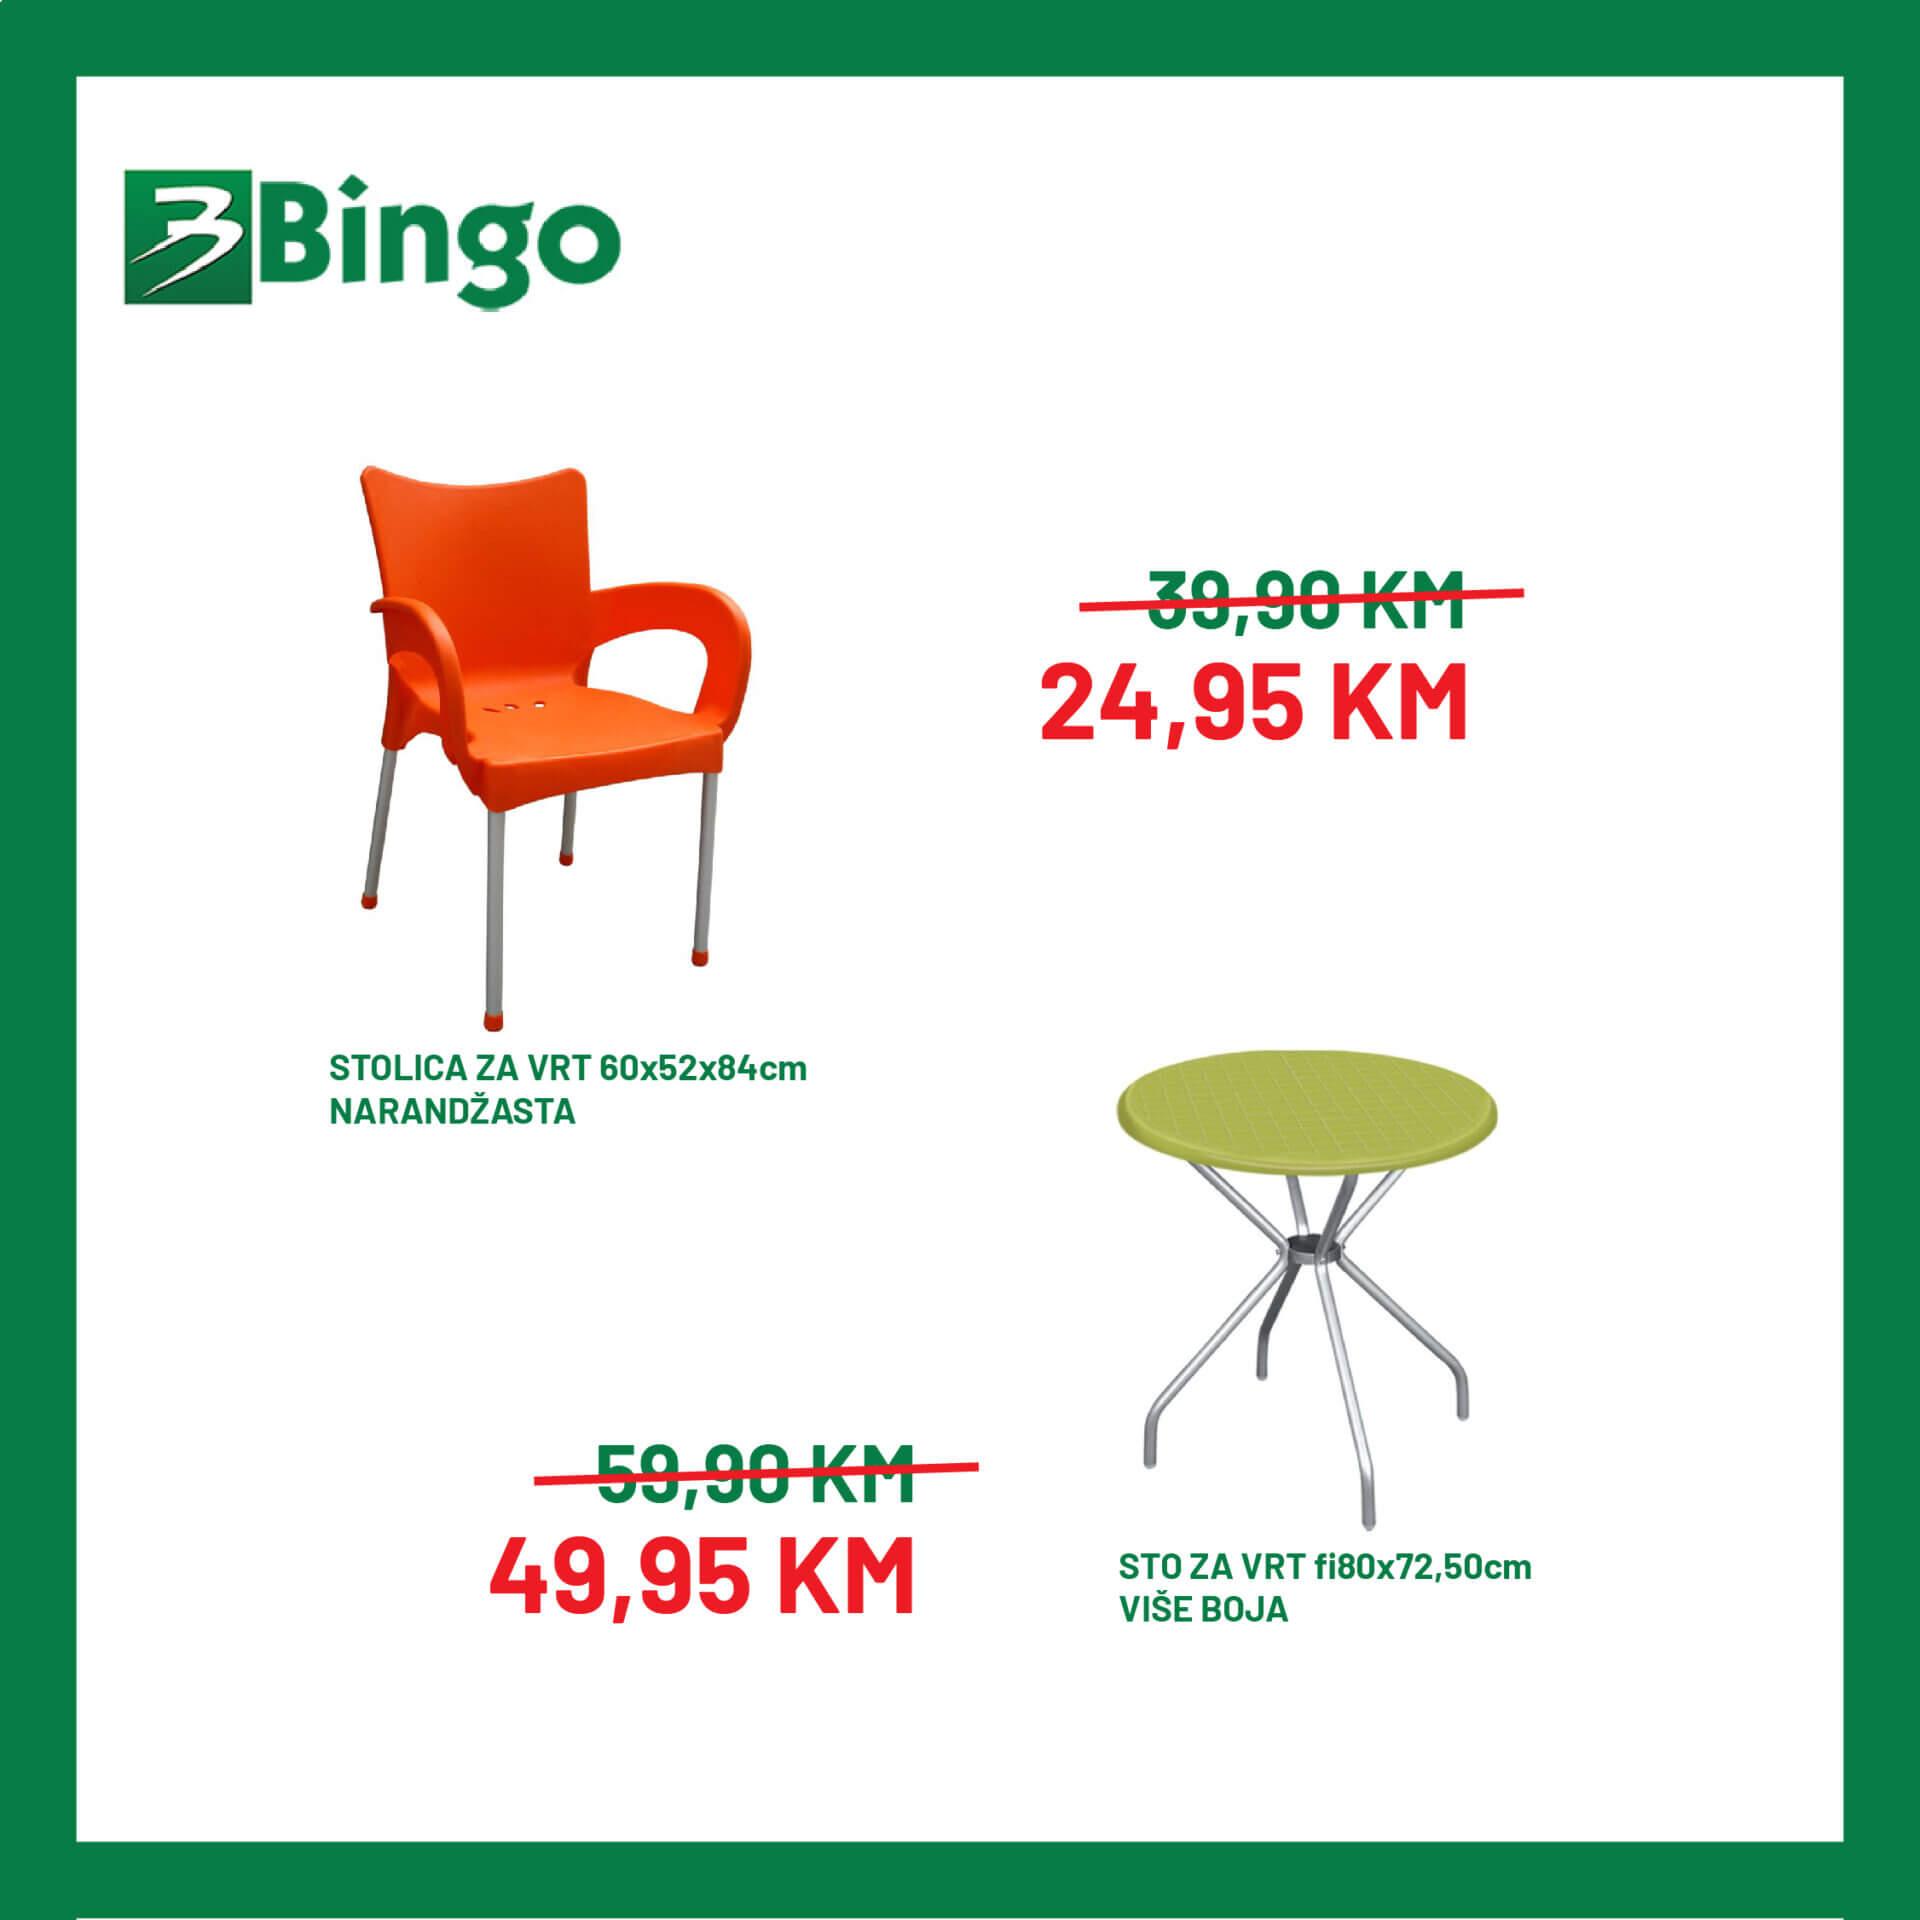 BINGO Katalog Akcija namjestaja JUL 2021 12.7. 19.7 4